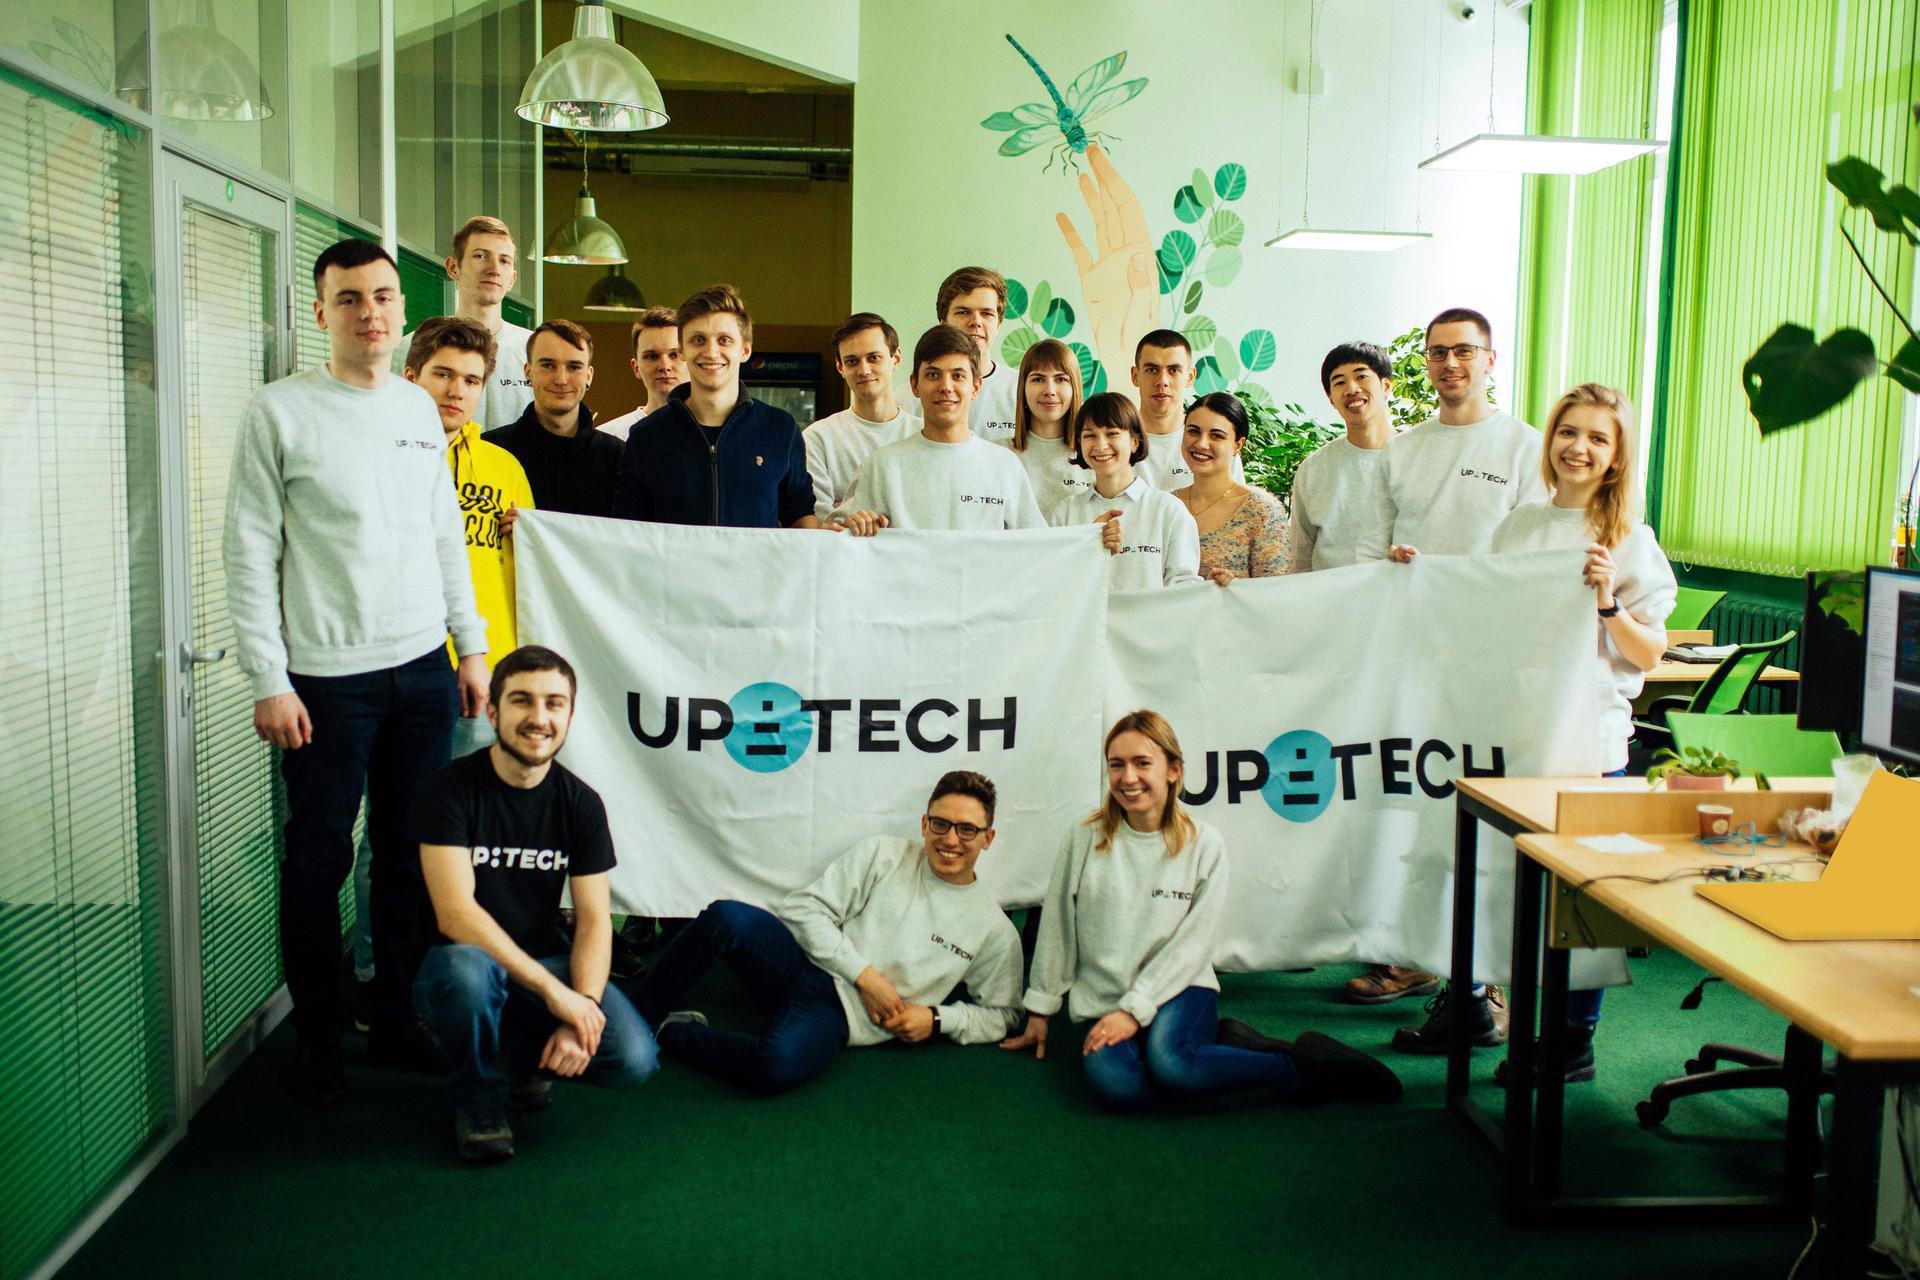 Як до 23 років створити компанію на 45 людей. Історія Андрія Баса та UPTech